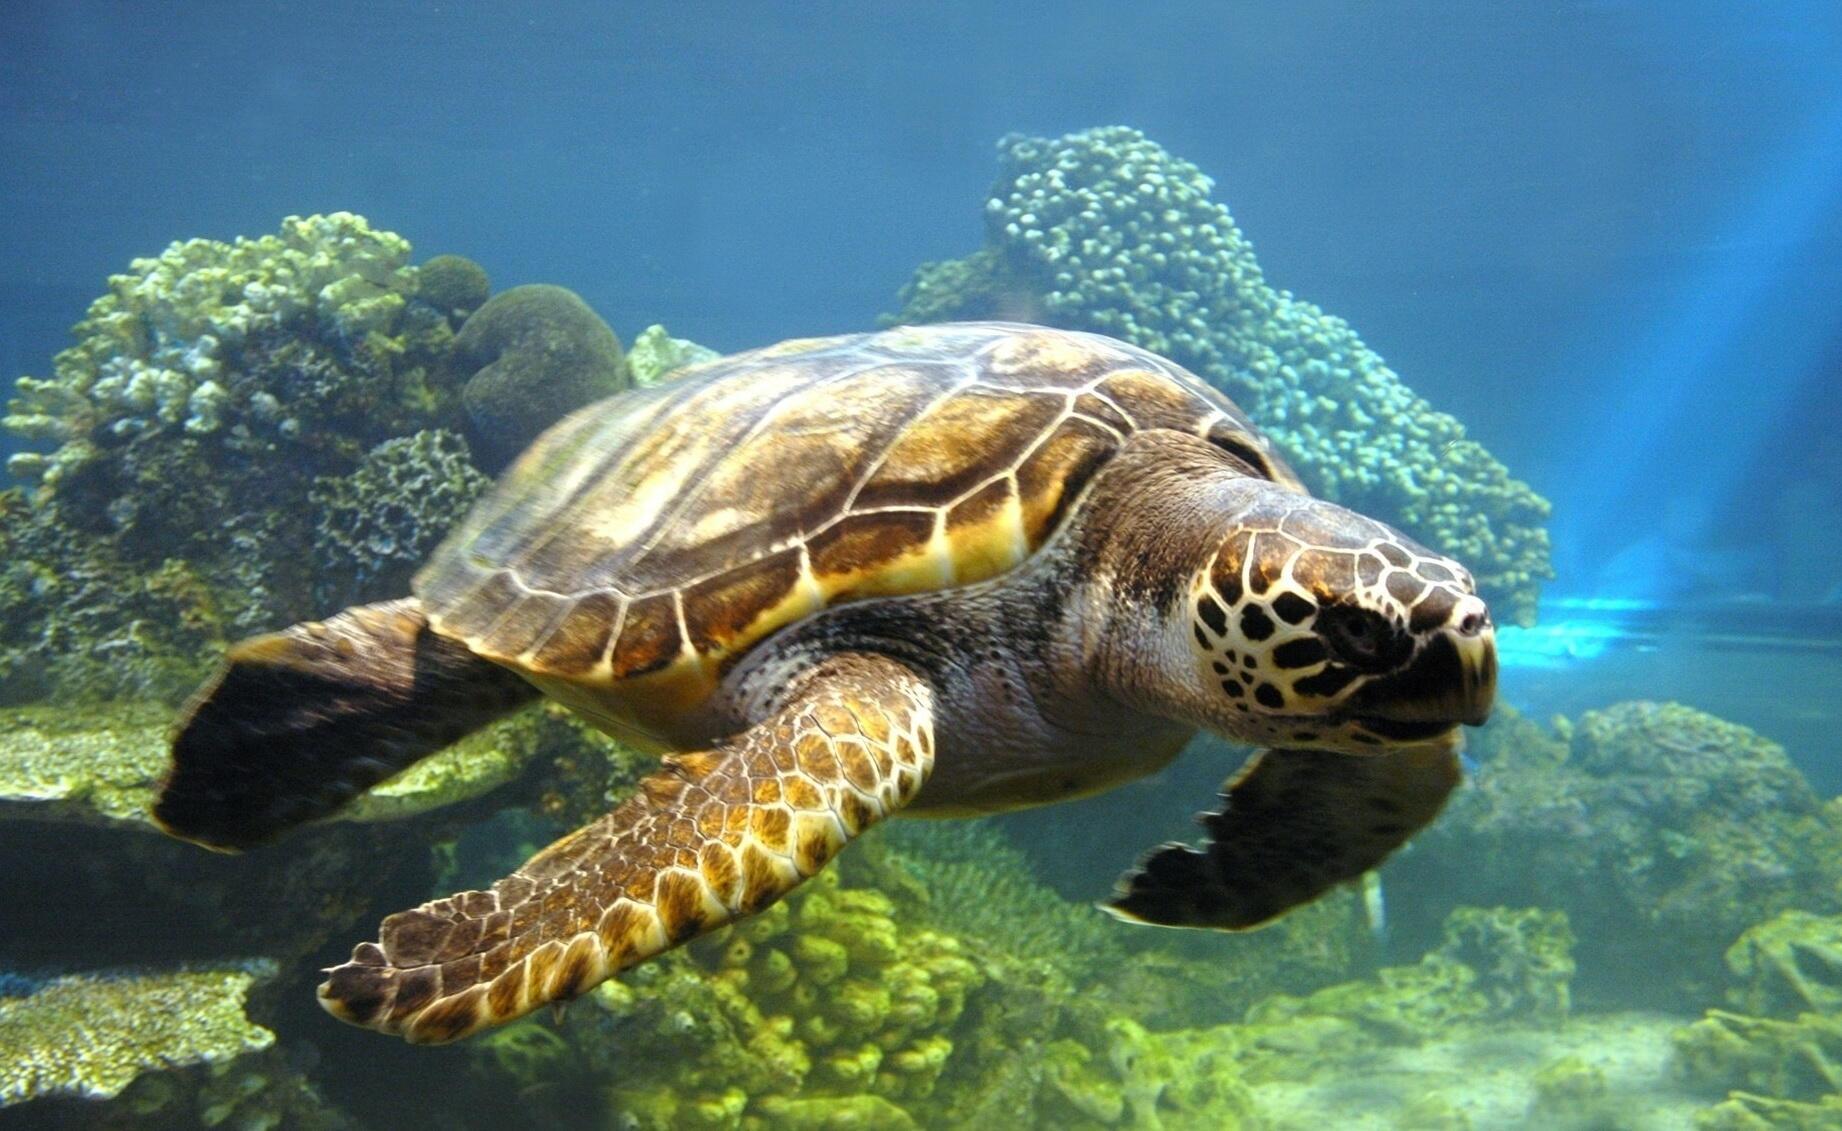 السلاحف البحرية أيقونة زيرة صيدا… لا لتعميم مفاهيم تستهدف حياتها!